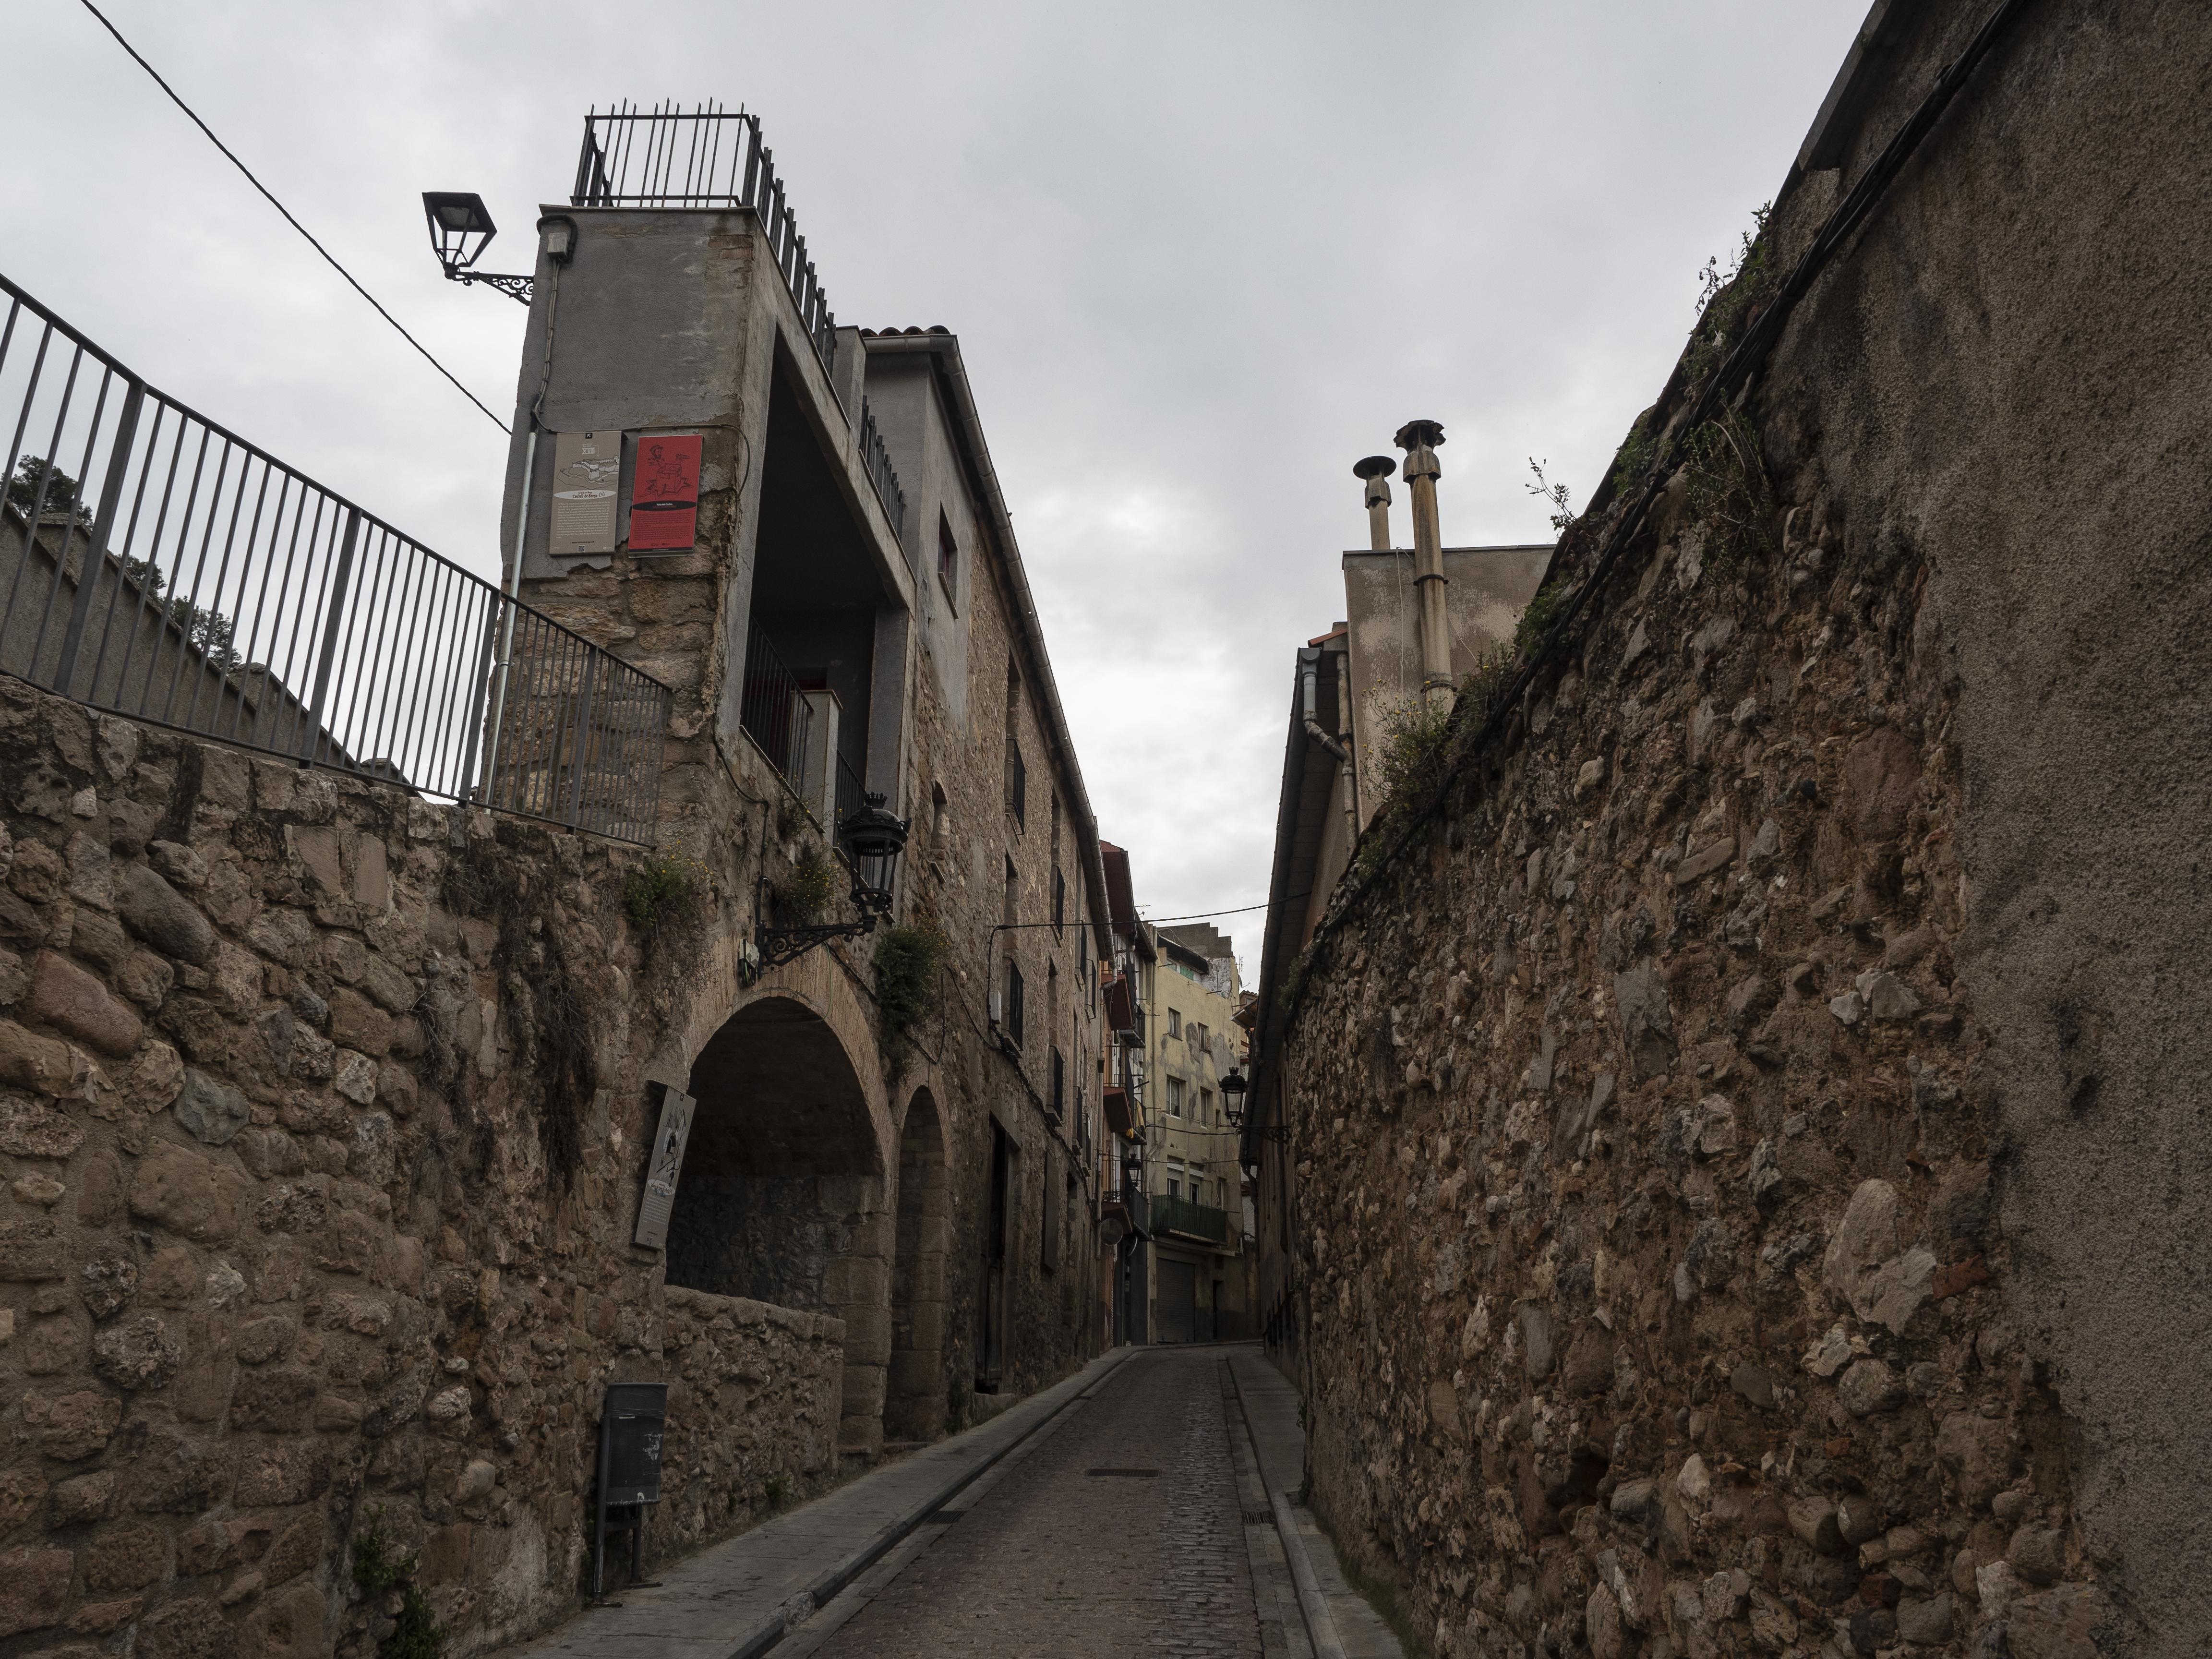 Carrers del barri de la Pietat. FOTO: Anna E. Puig